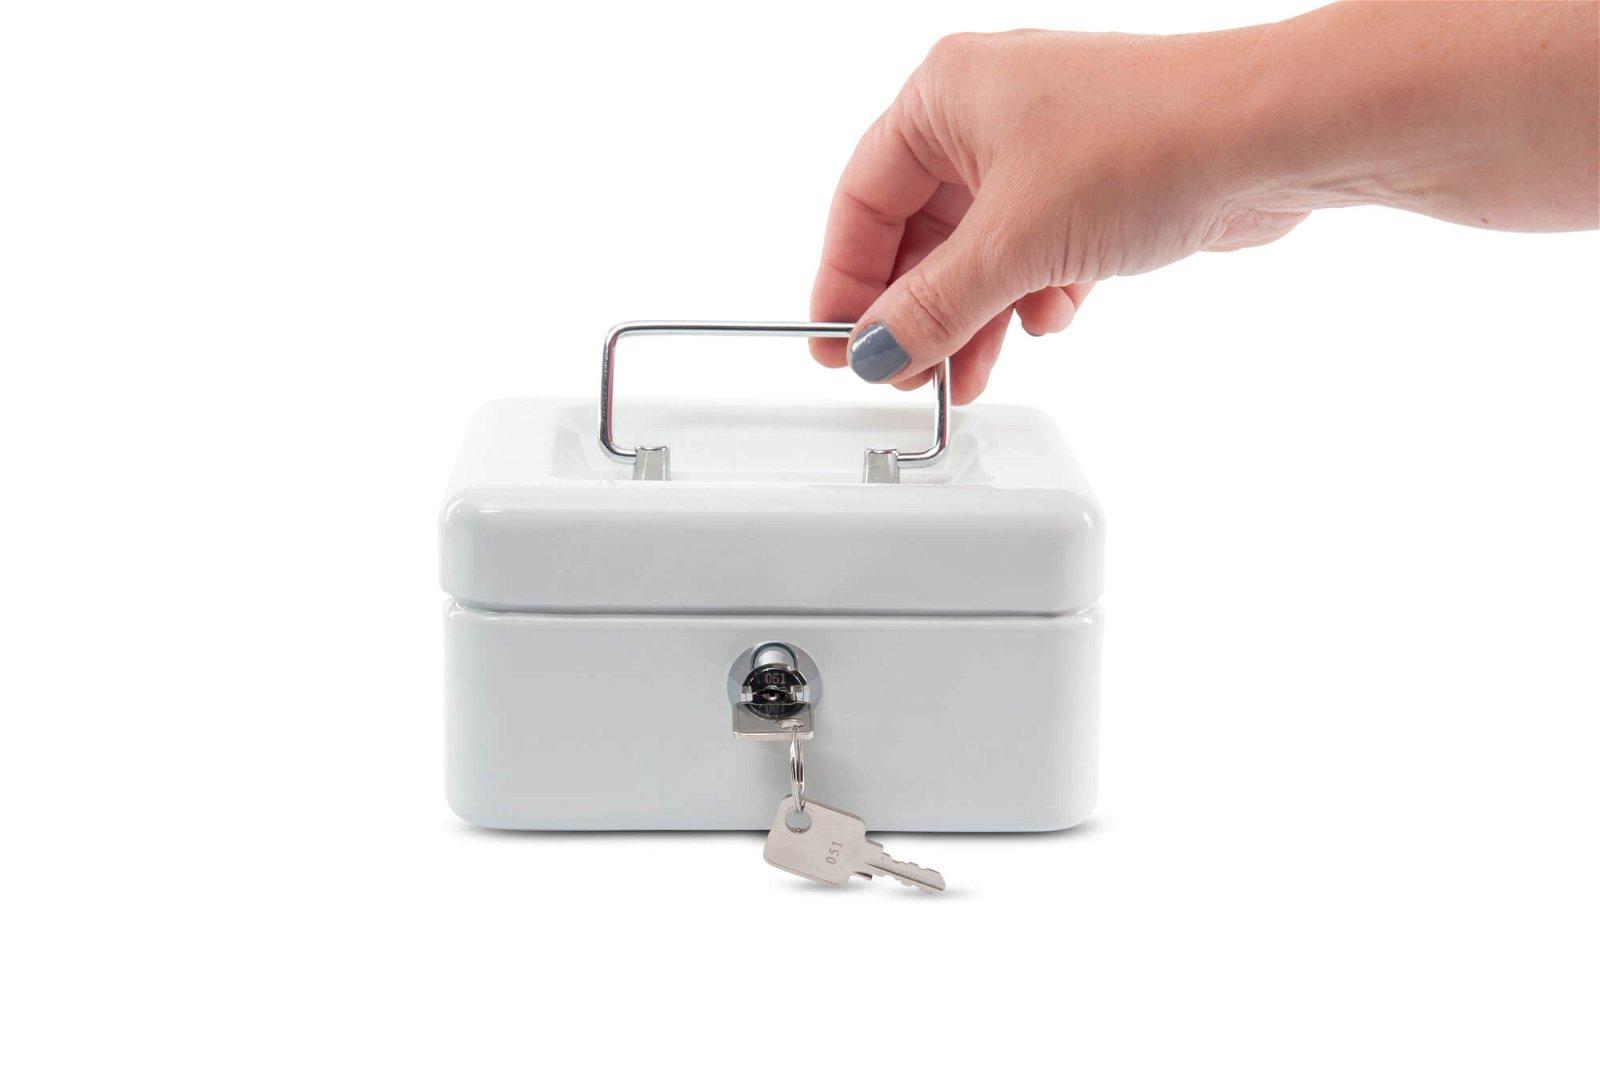 Geldkassette 1, 15,2 x 12,5 x 8,1 cm, weiß